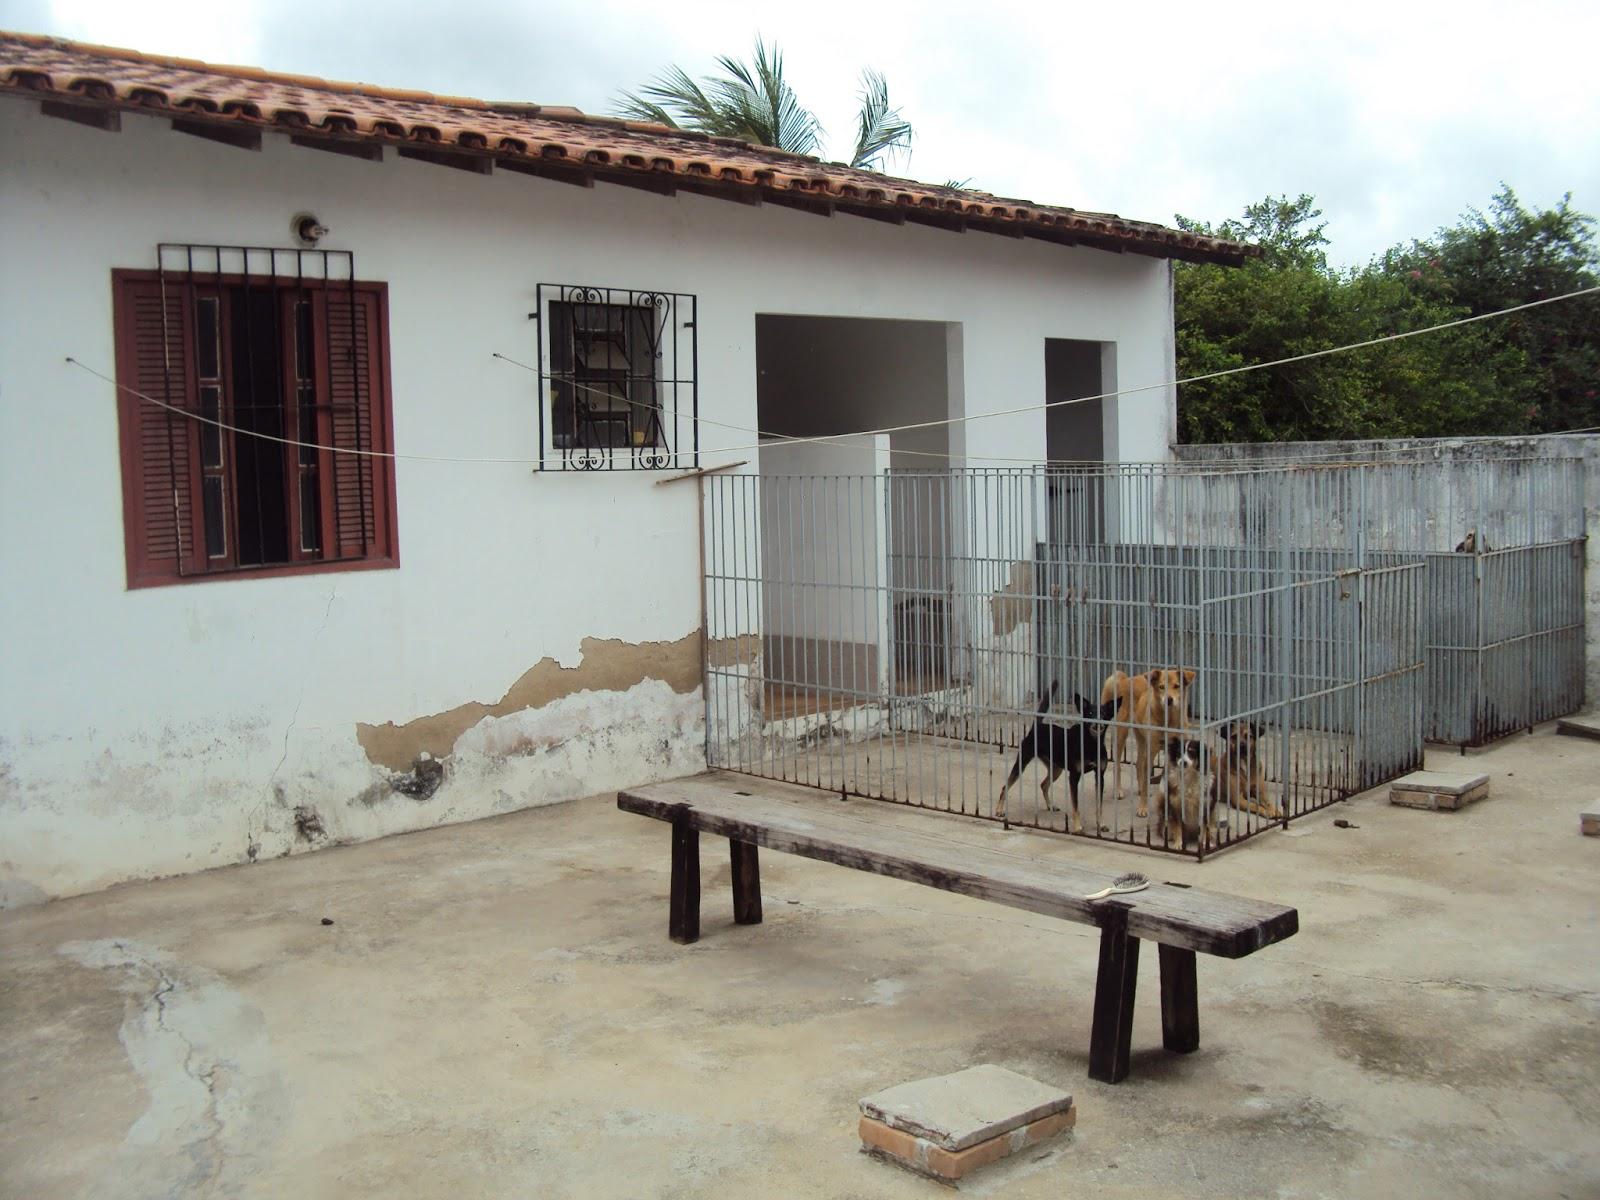 #5F4740  : Casa com 3 quartos sendo um suite no melhor local de Areal REF 06 1600x1200 px Casas Bahia Armario De Cozinha 200 Reais #1615 imagens